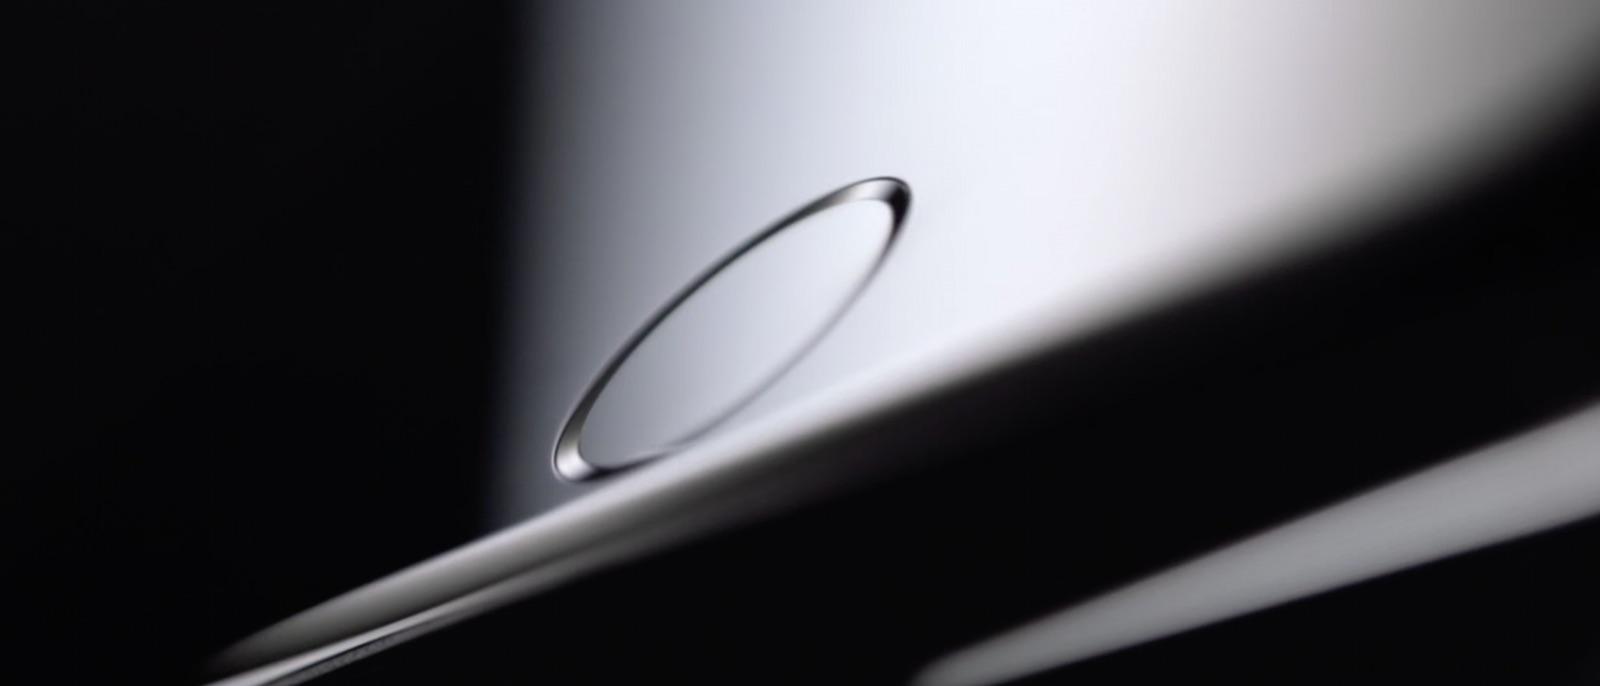 iPhone 7、iPhone 7 Plus ホームボタン